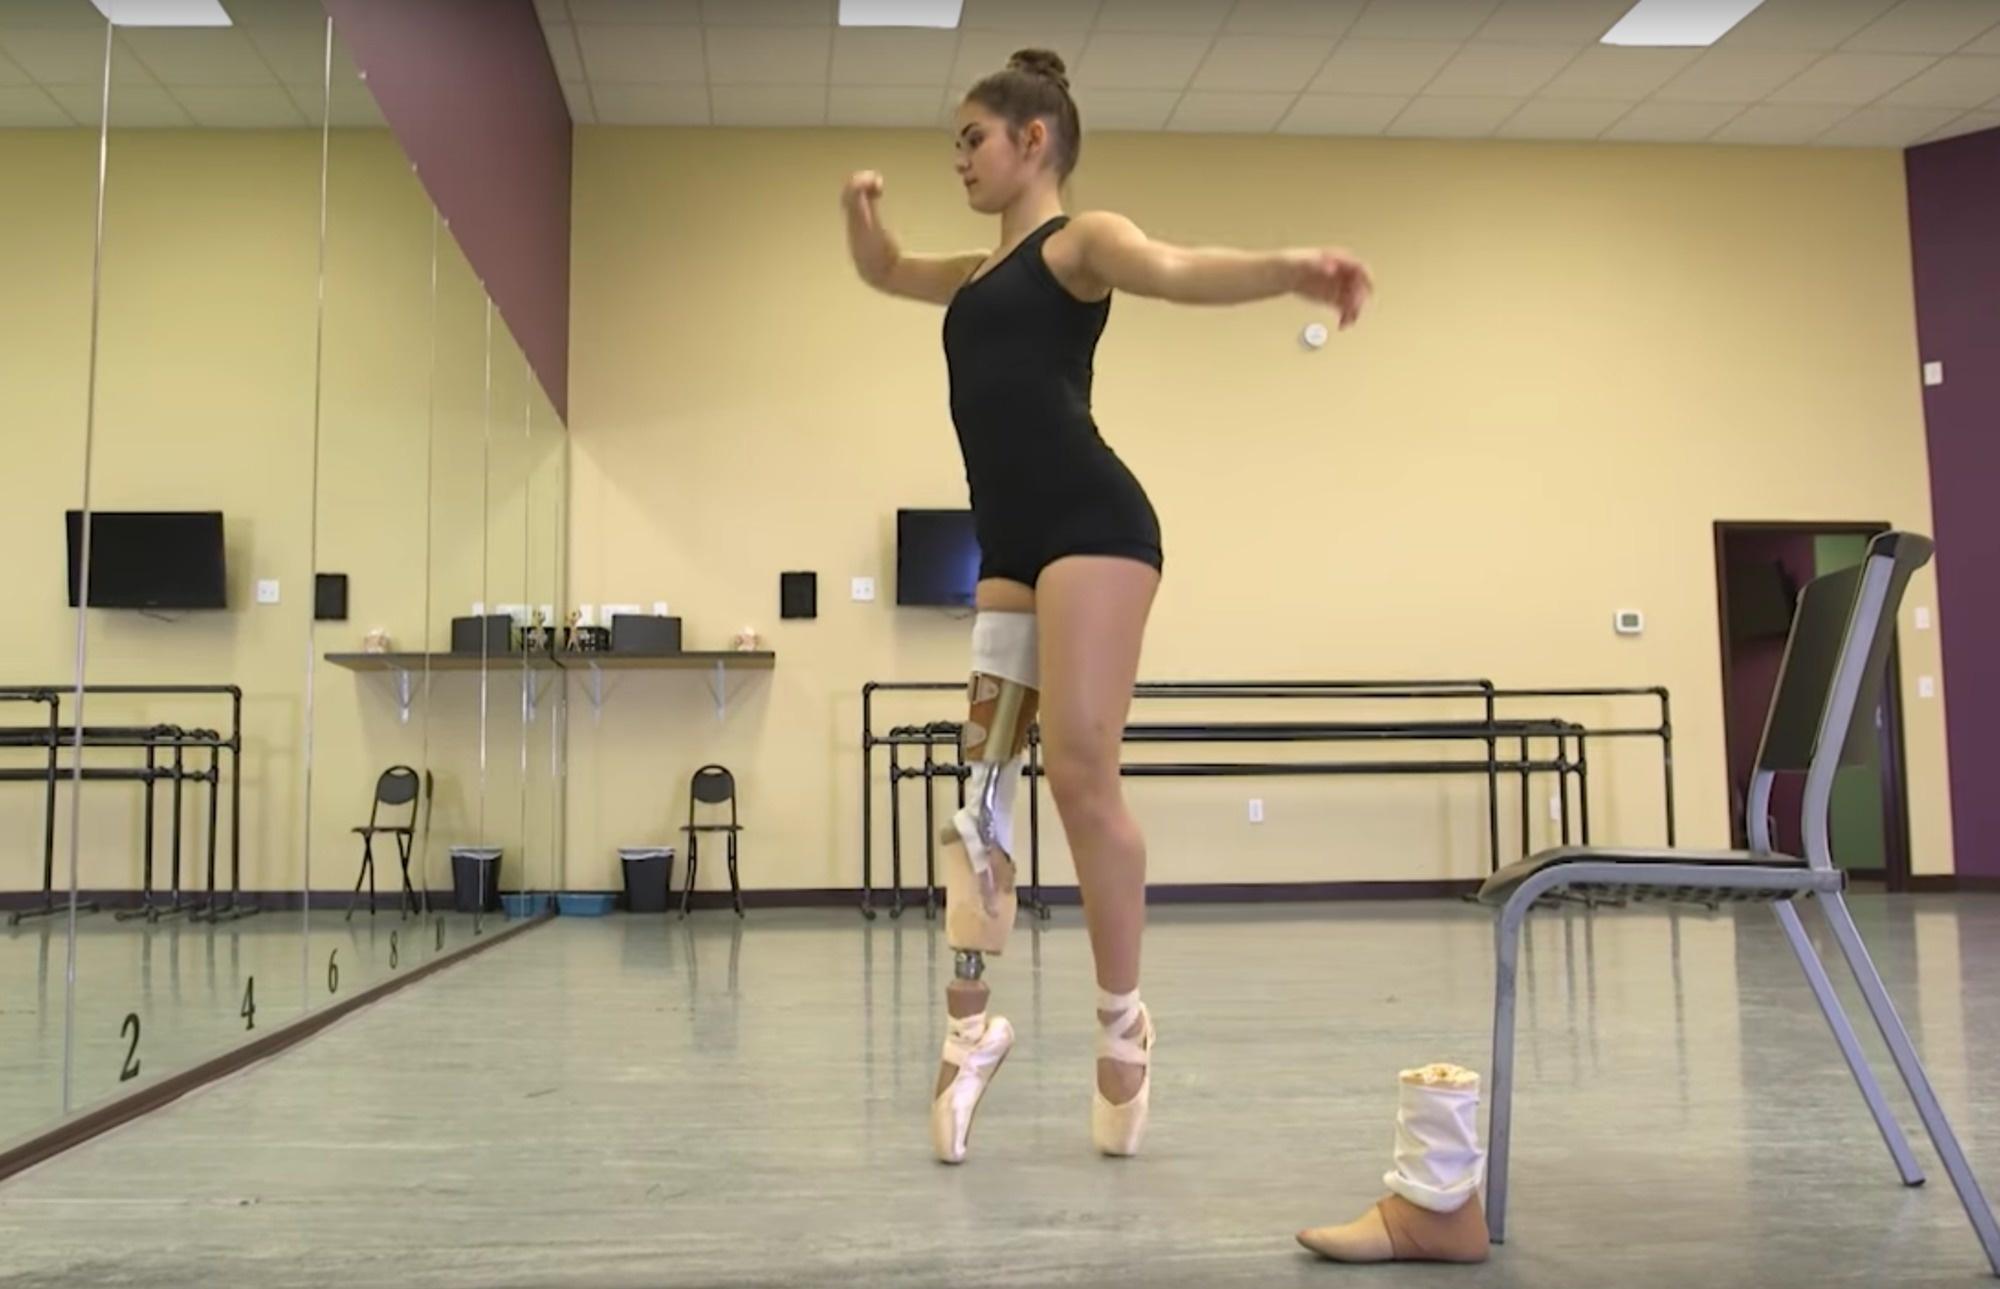 dancer-beat-cancer-to-perform-v4